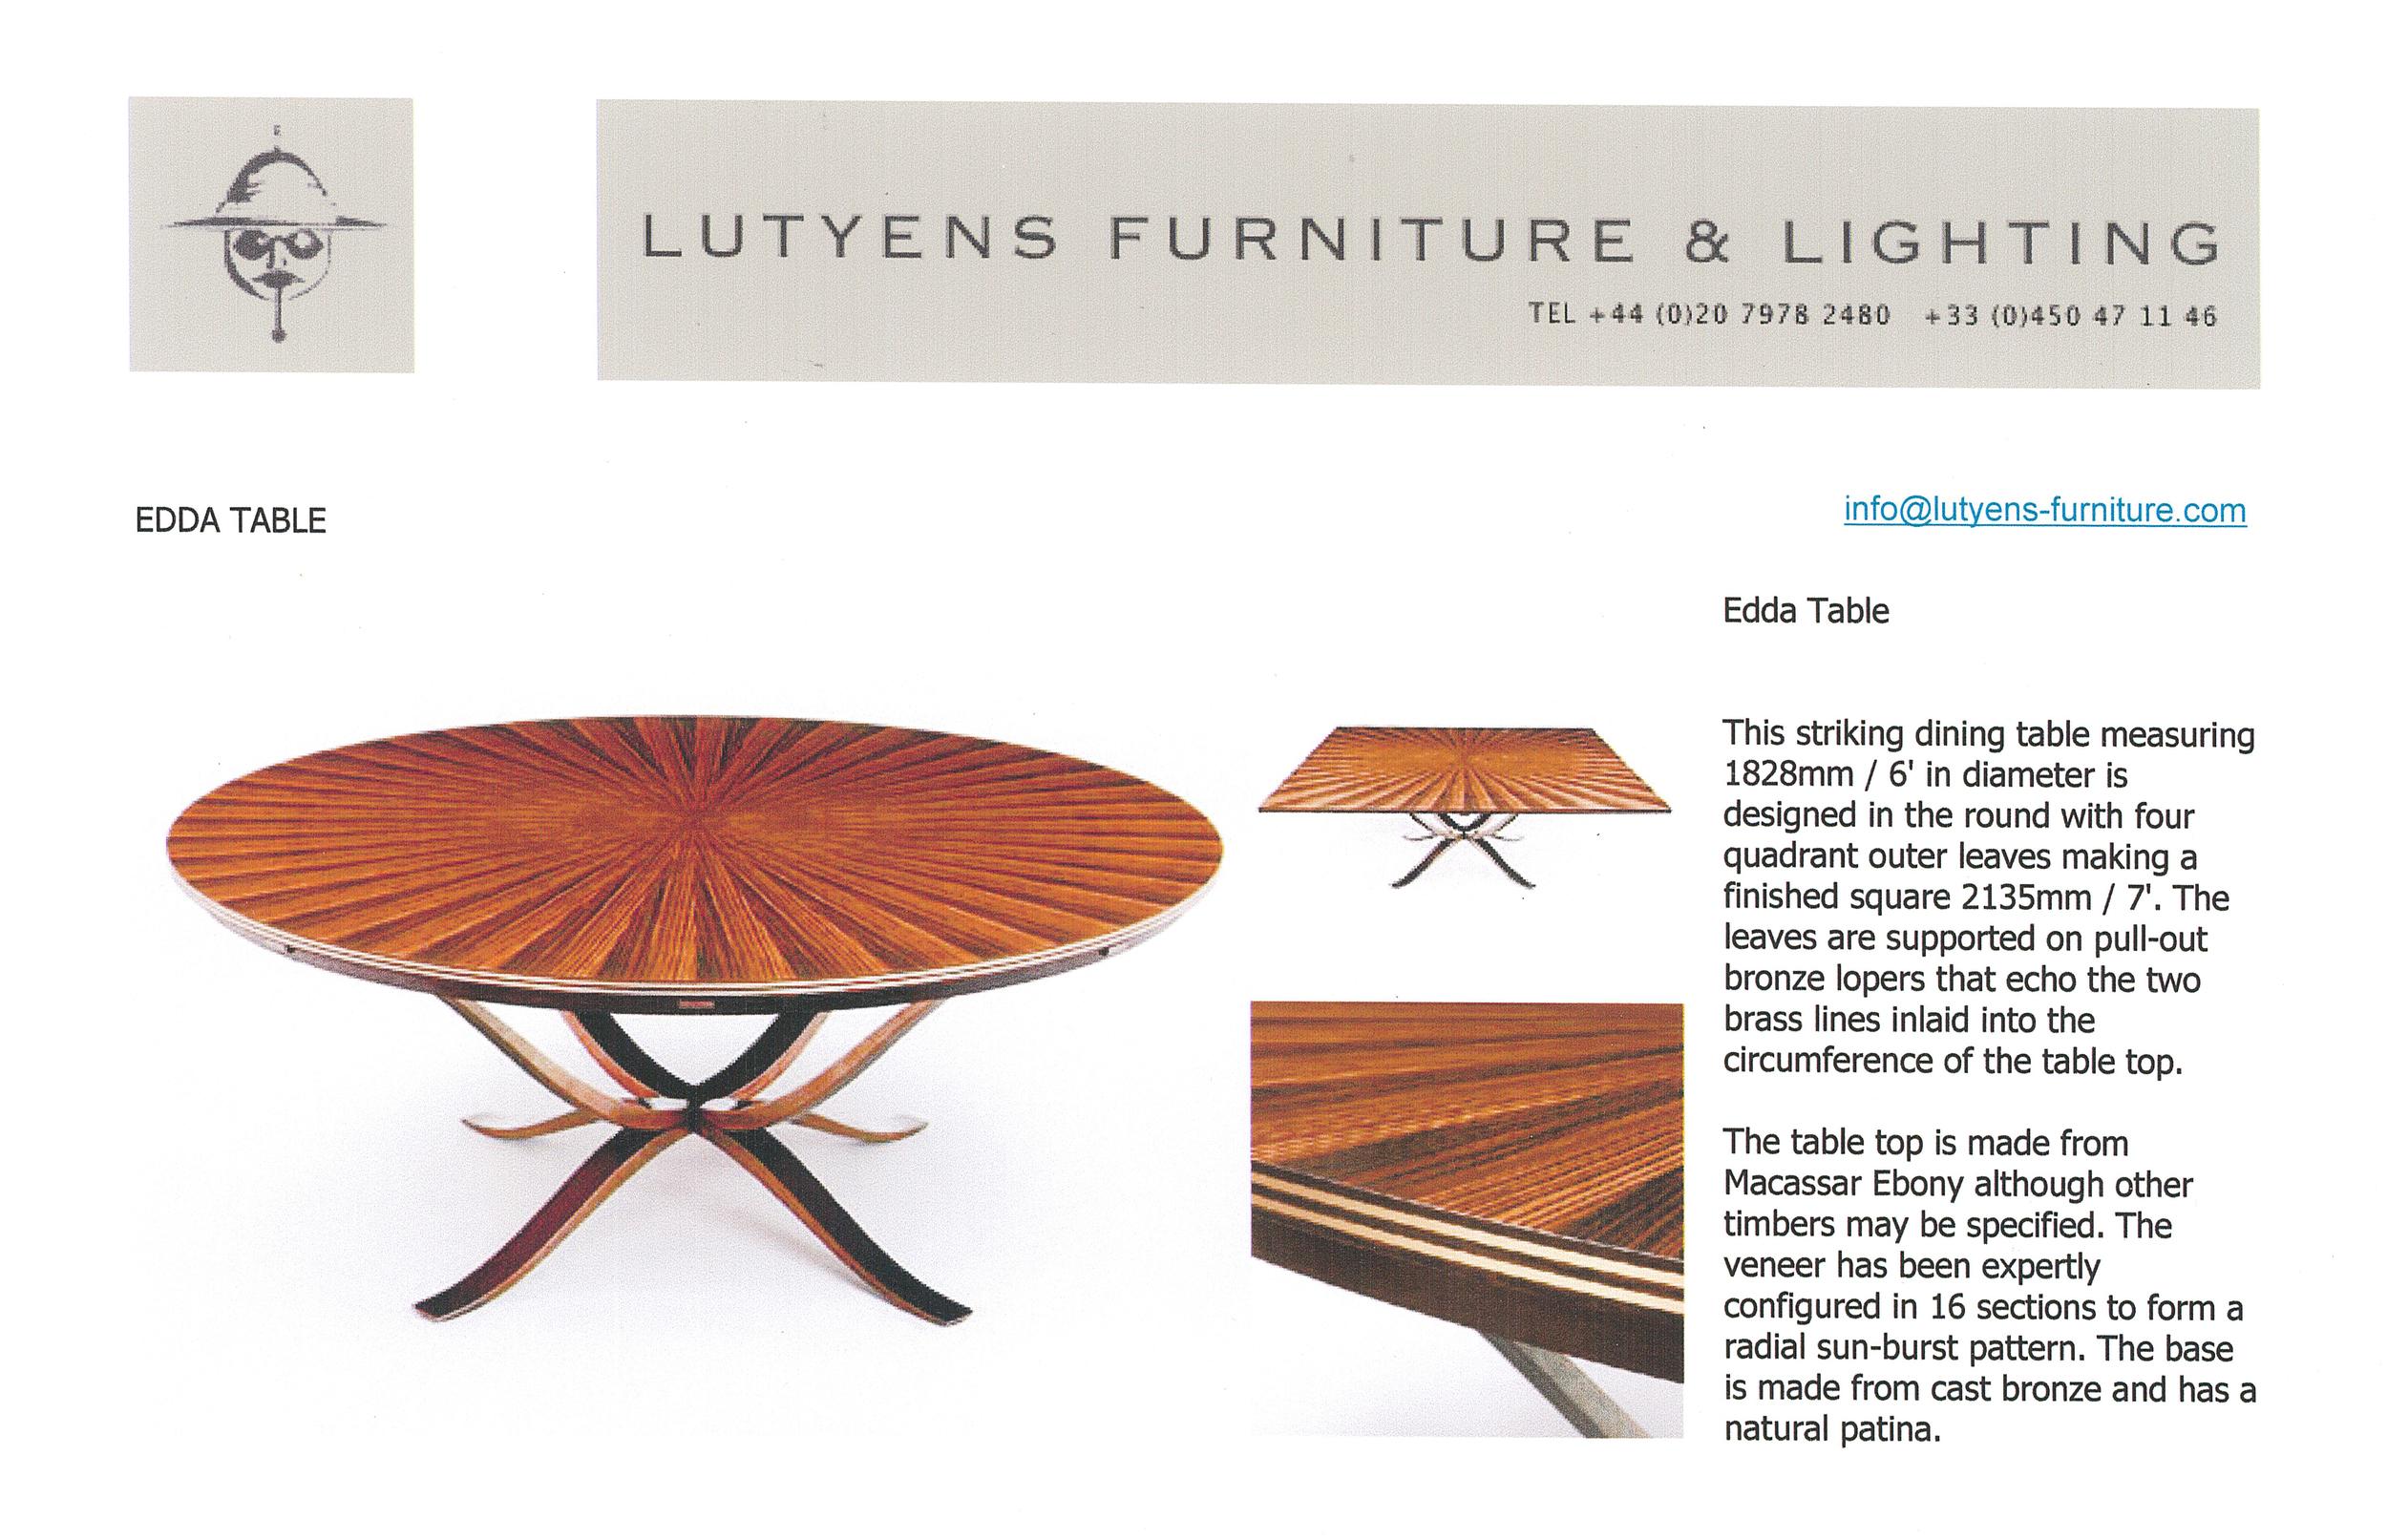 LUTYENS FURNITURE & LIGHTING